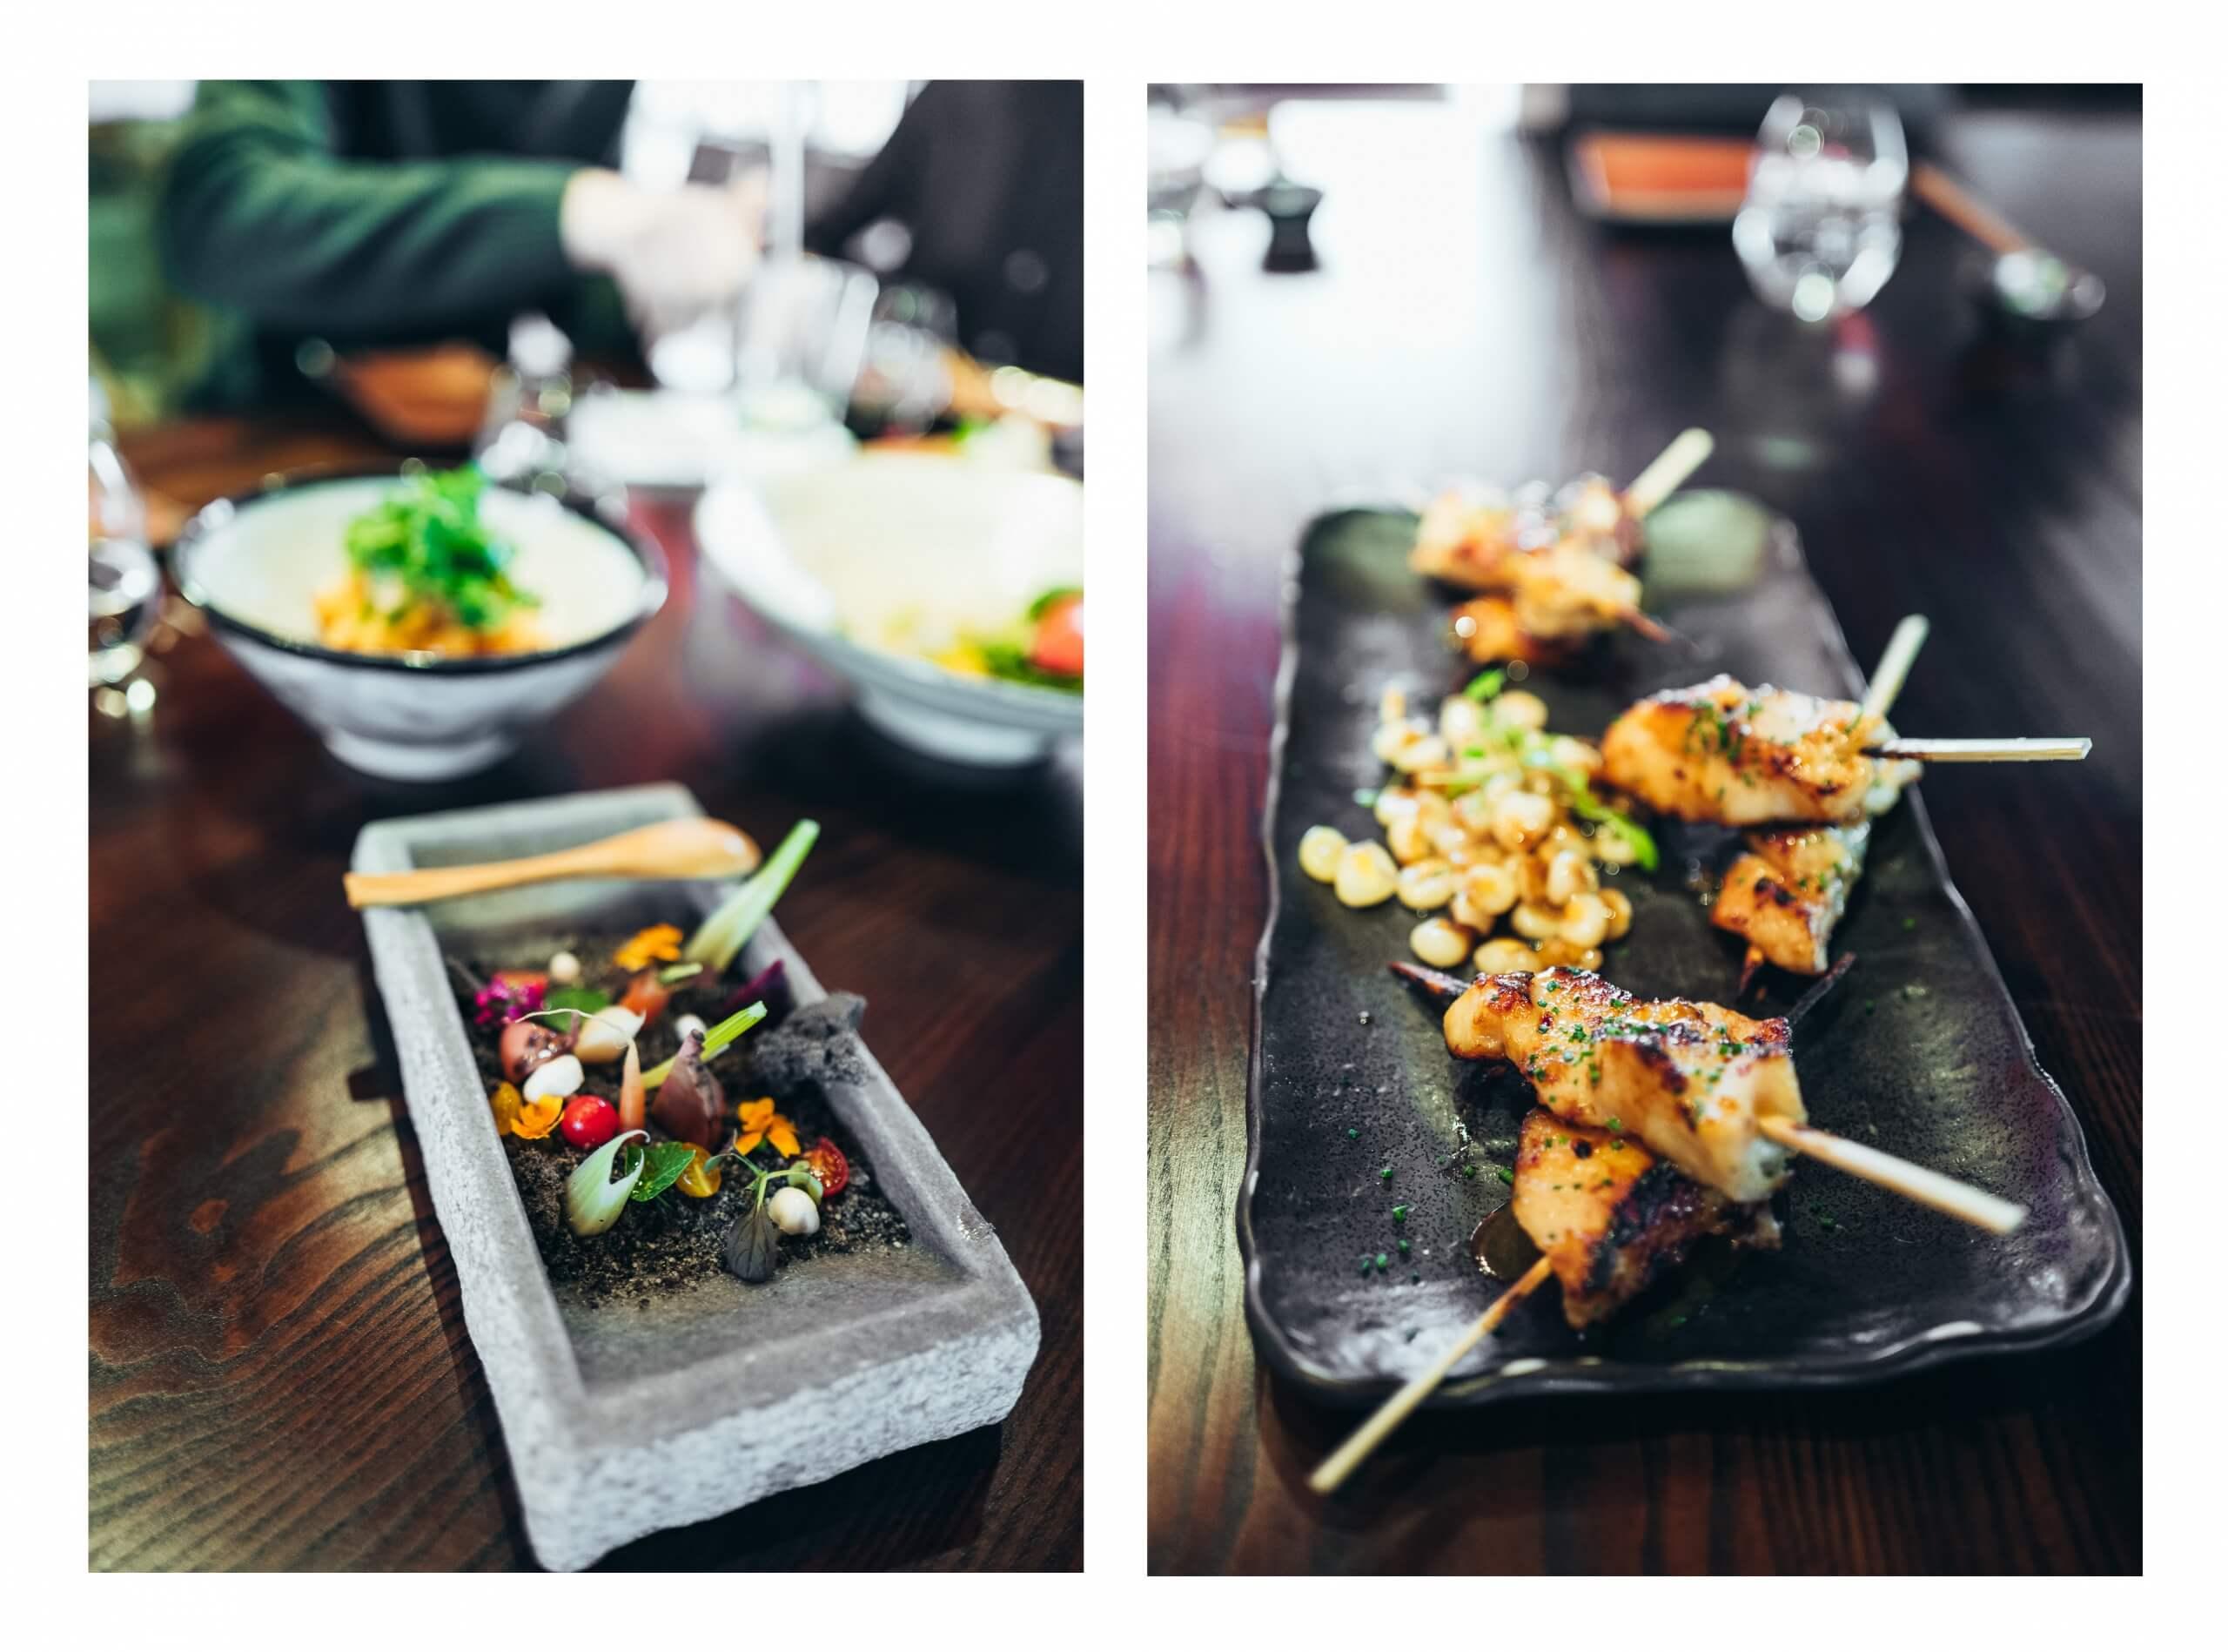 janni-deler-sushi-samba-londonl1160130-copy